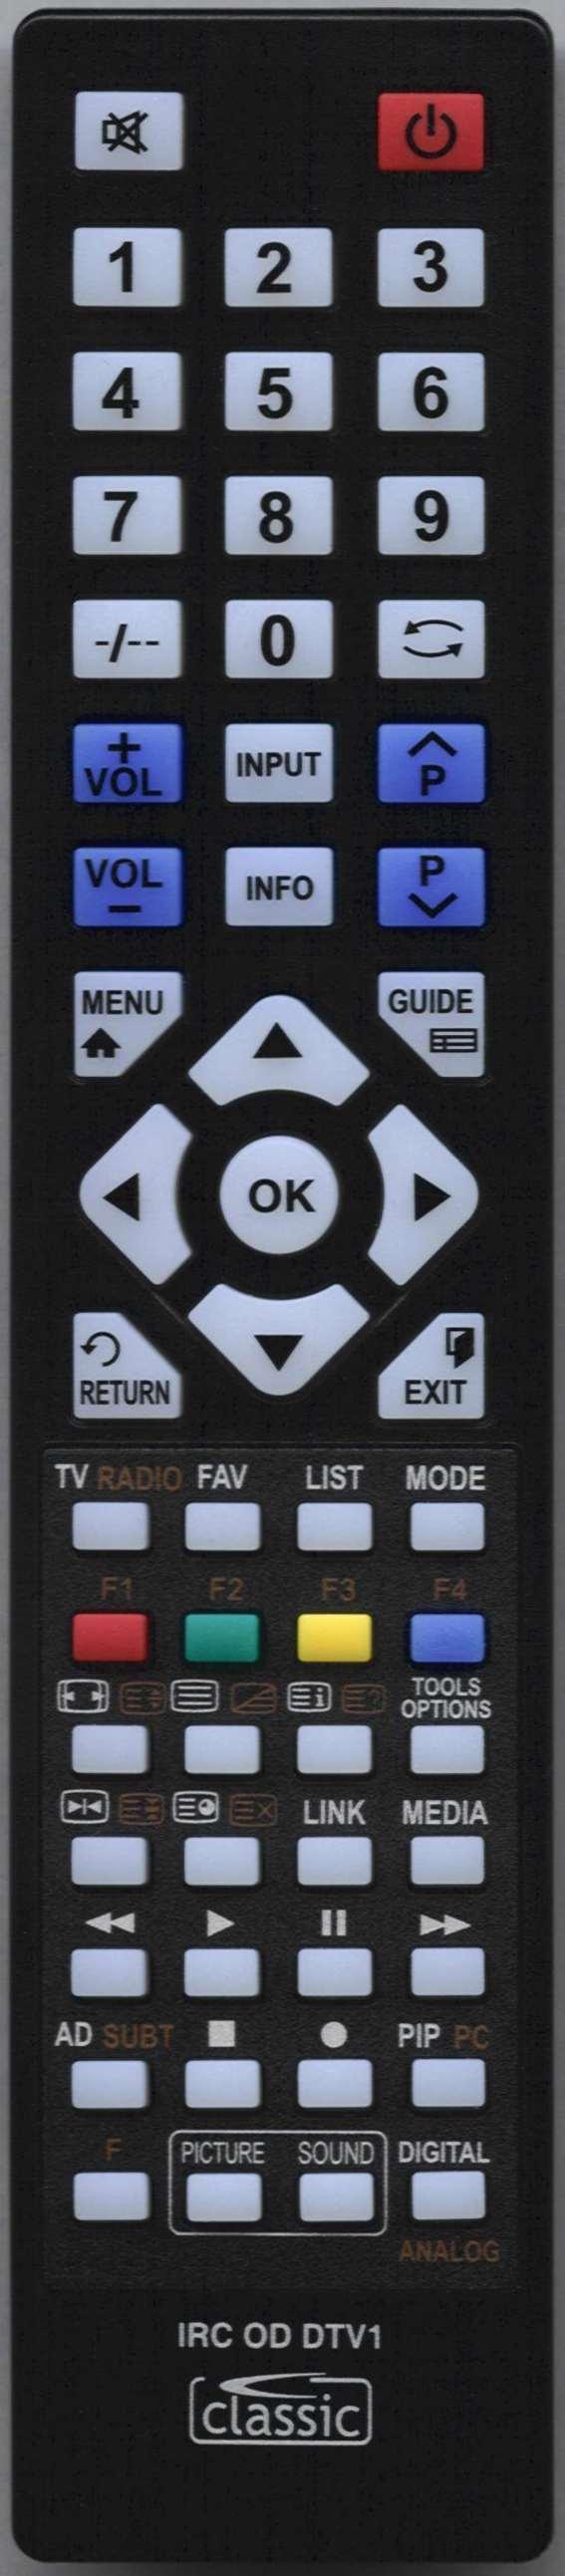 POLAROID MHDV4933-U4 Remote Control